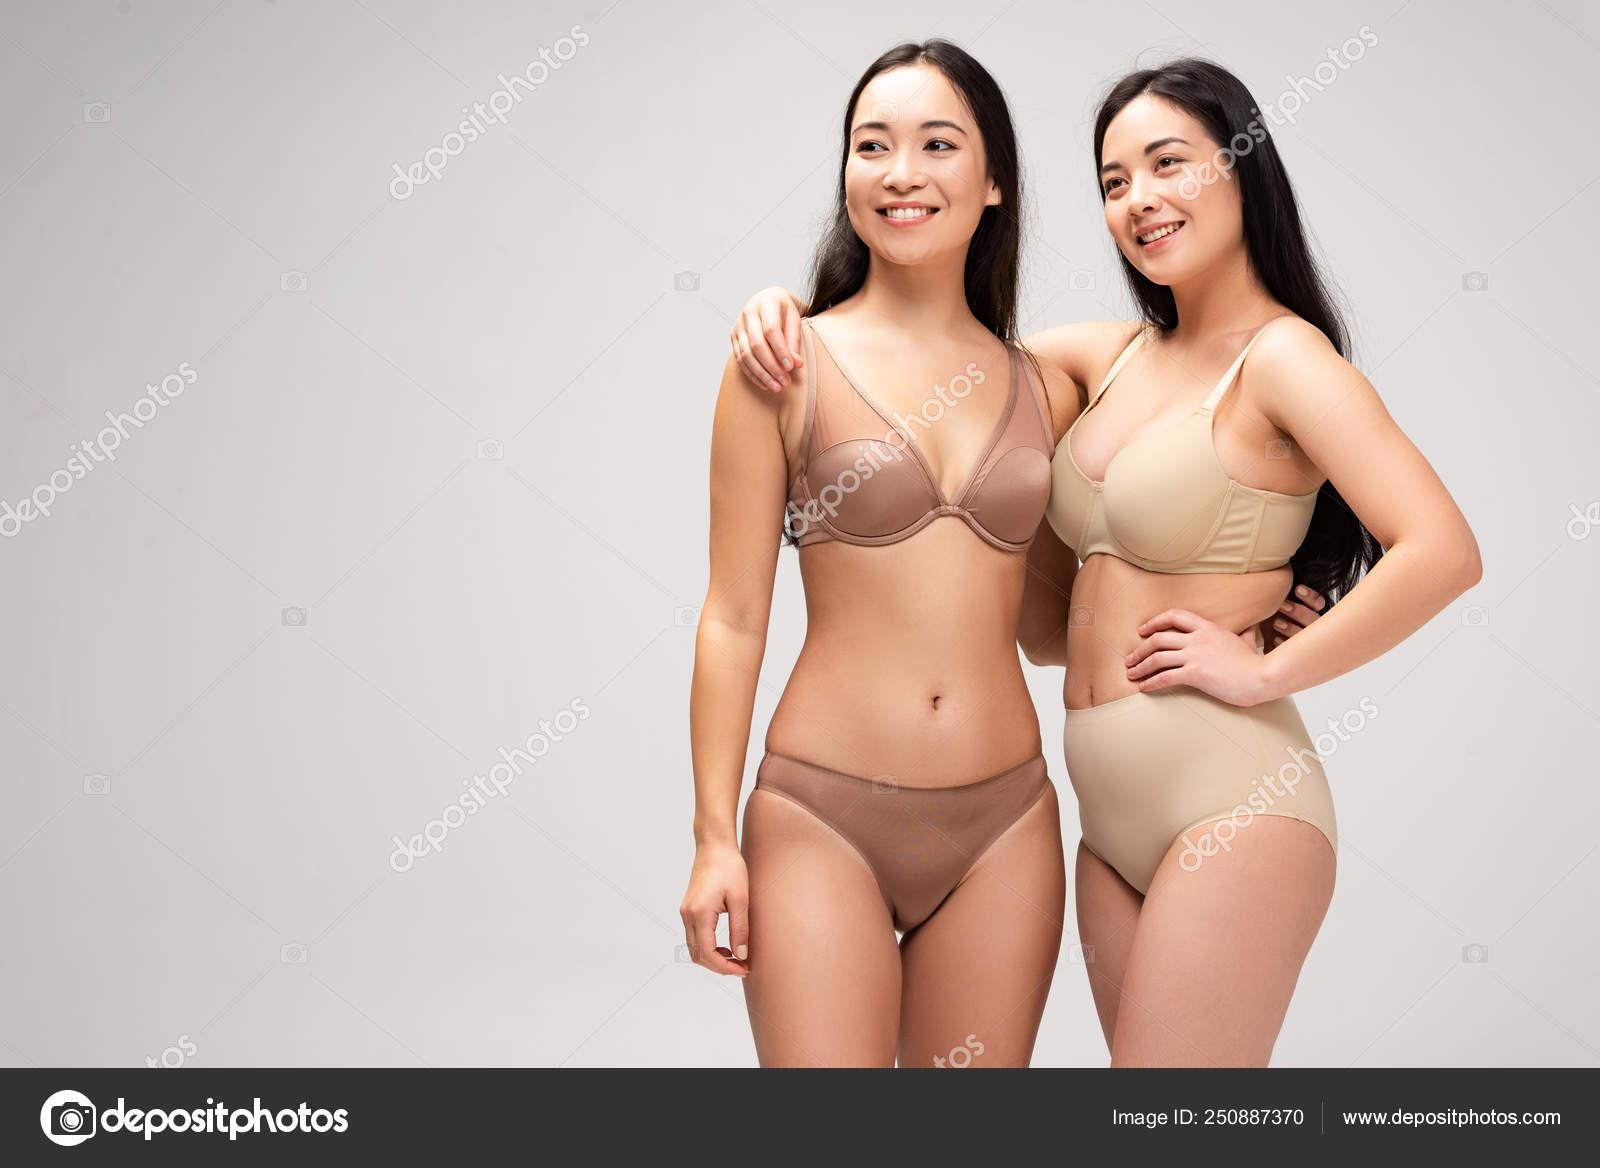 eaec56bb8a86 Dos Mujeres Bastante Multiétnicas Lencería Abrazándose Sonriendo ...